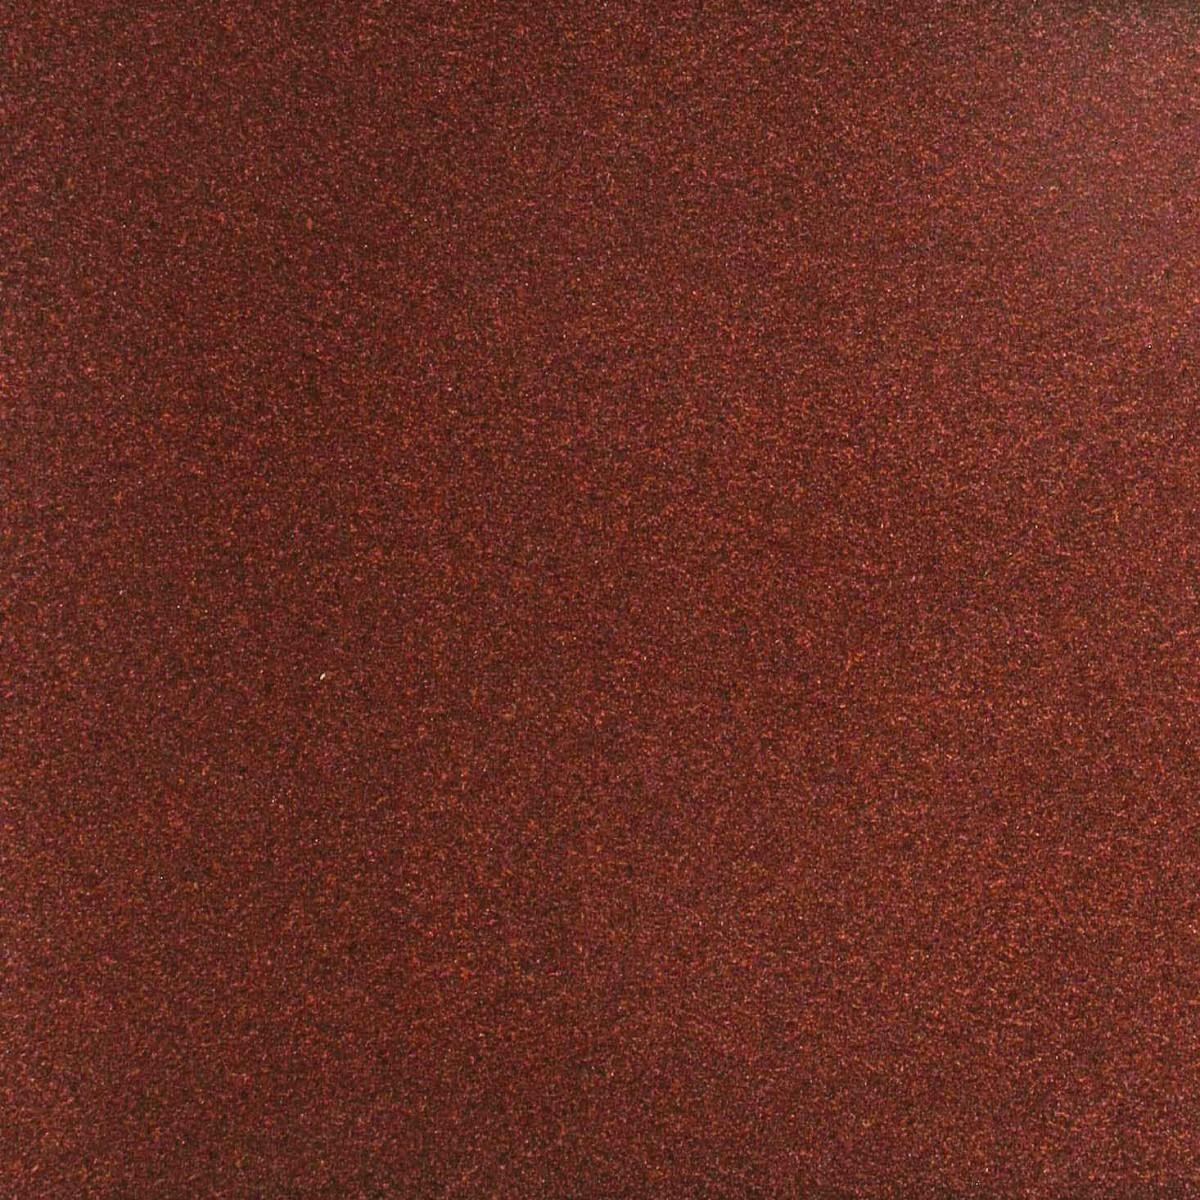 Papier corindon SCID - Grain 40, 80, 120, 180 - Vendu par 4